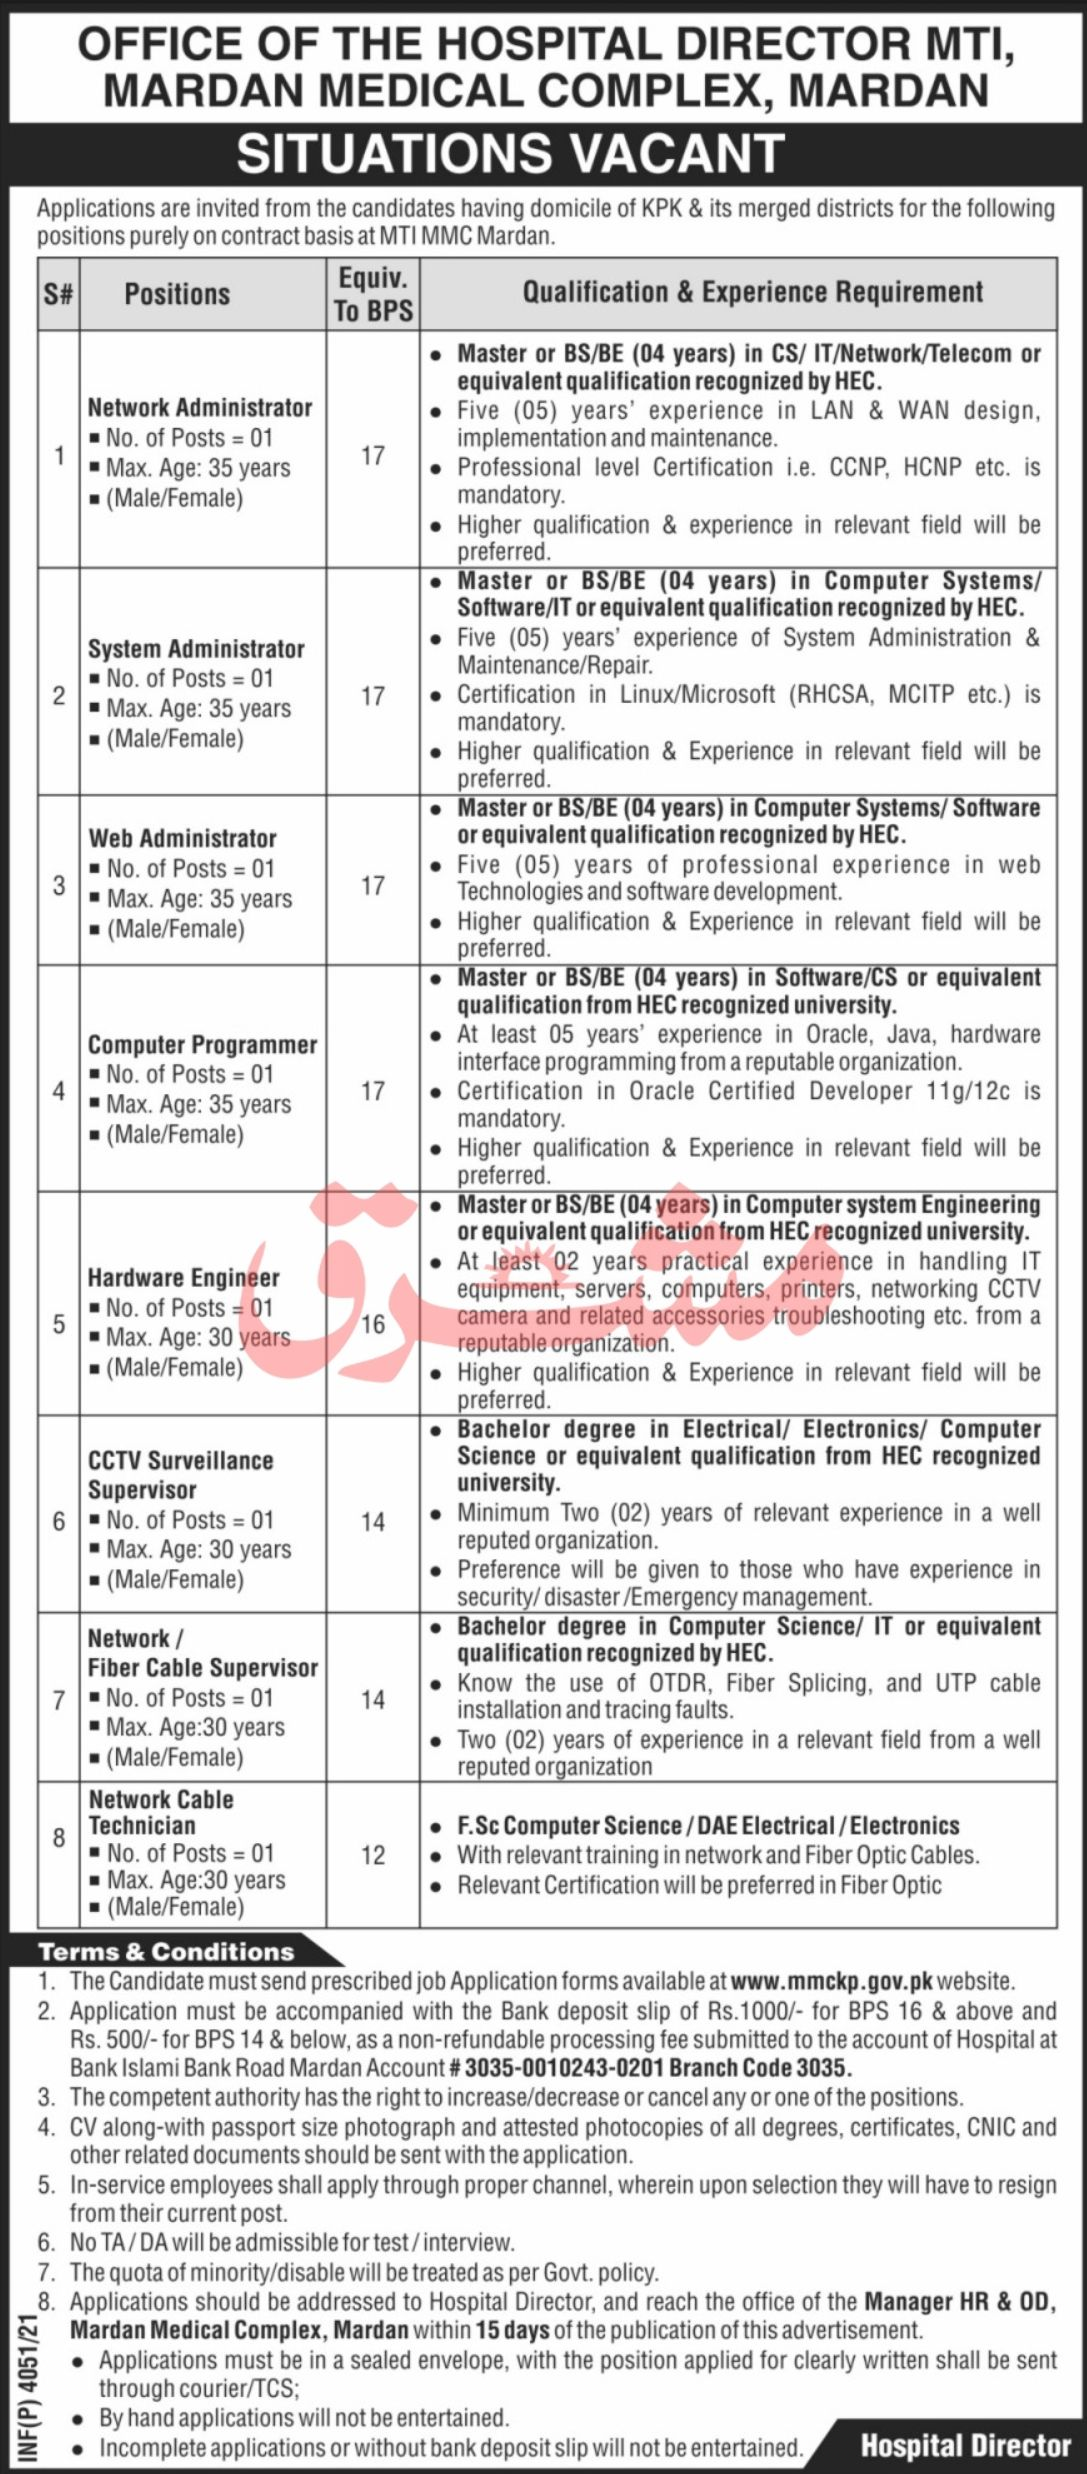 Mardan Medical Complex MTI Vacancies 2021 3